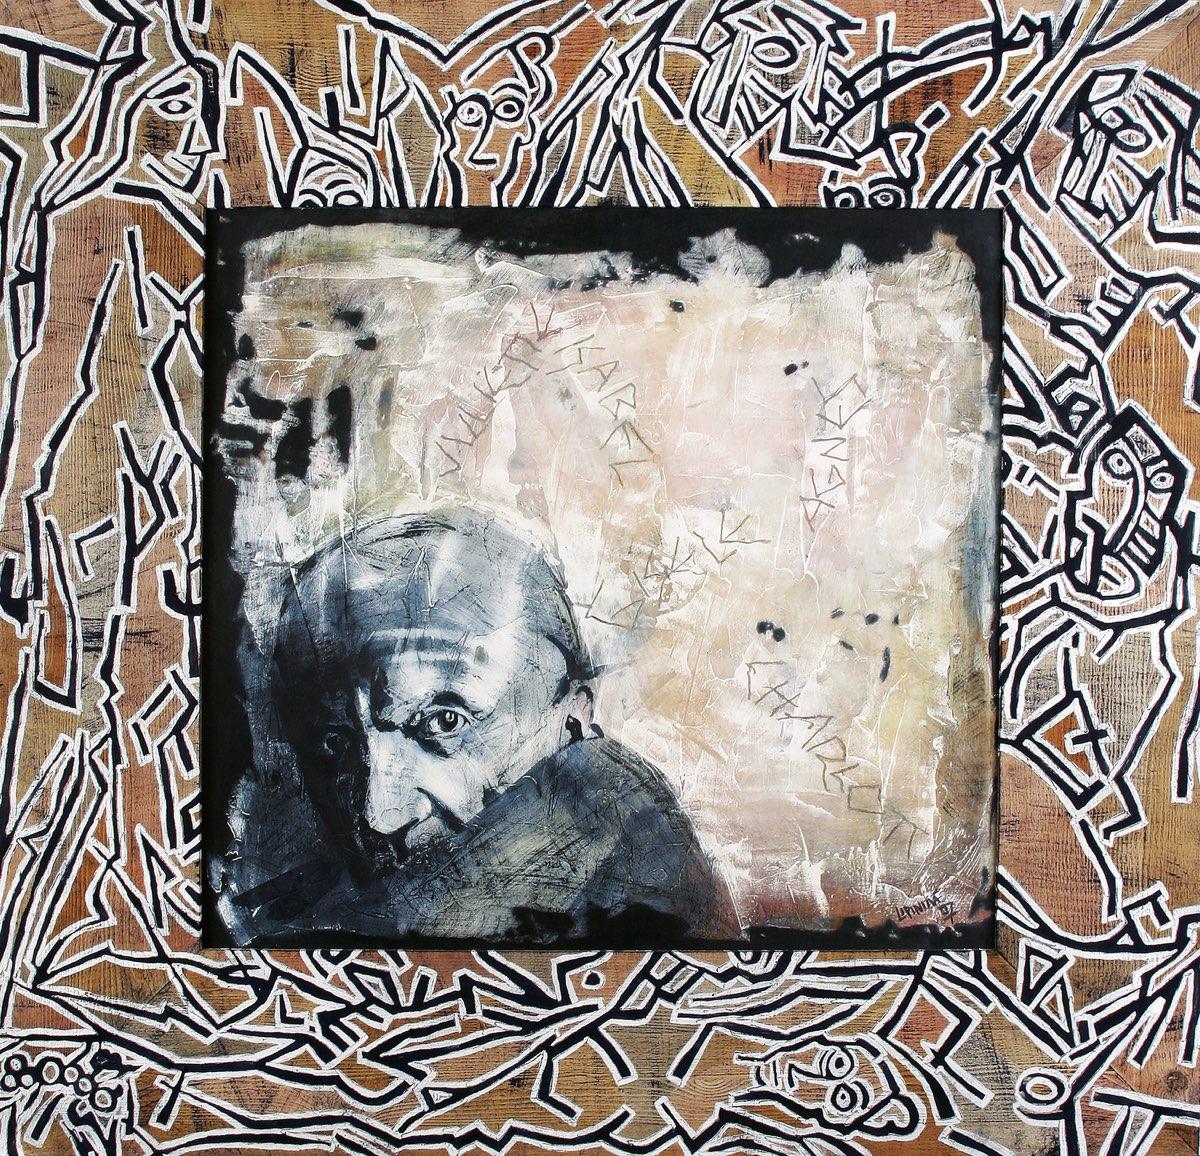 ALENA LIPINOVÁ Avignonské slečny - komb. tech., 109 x 115 cm